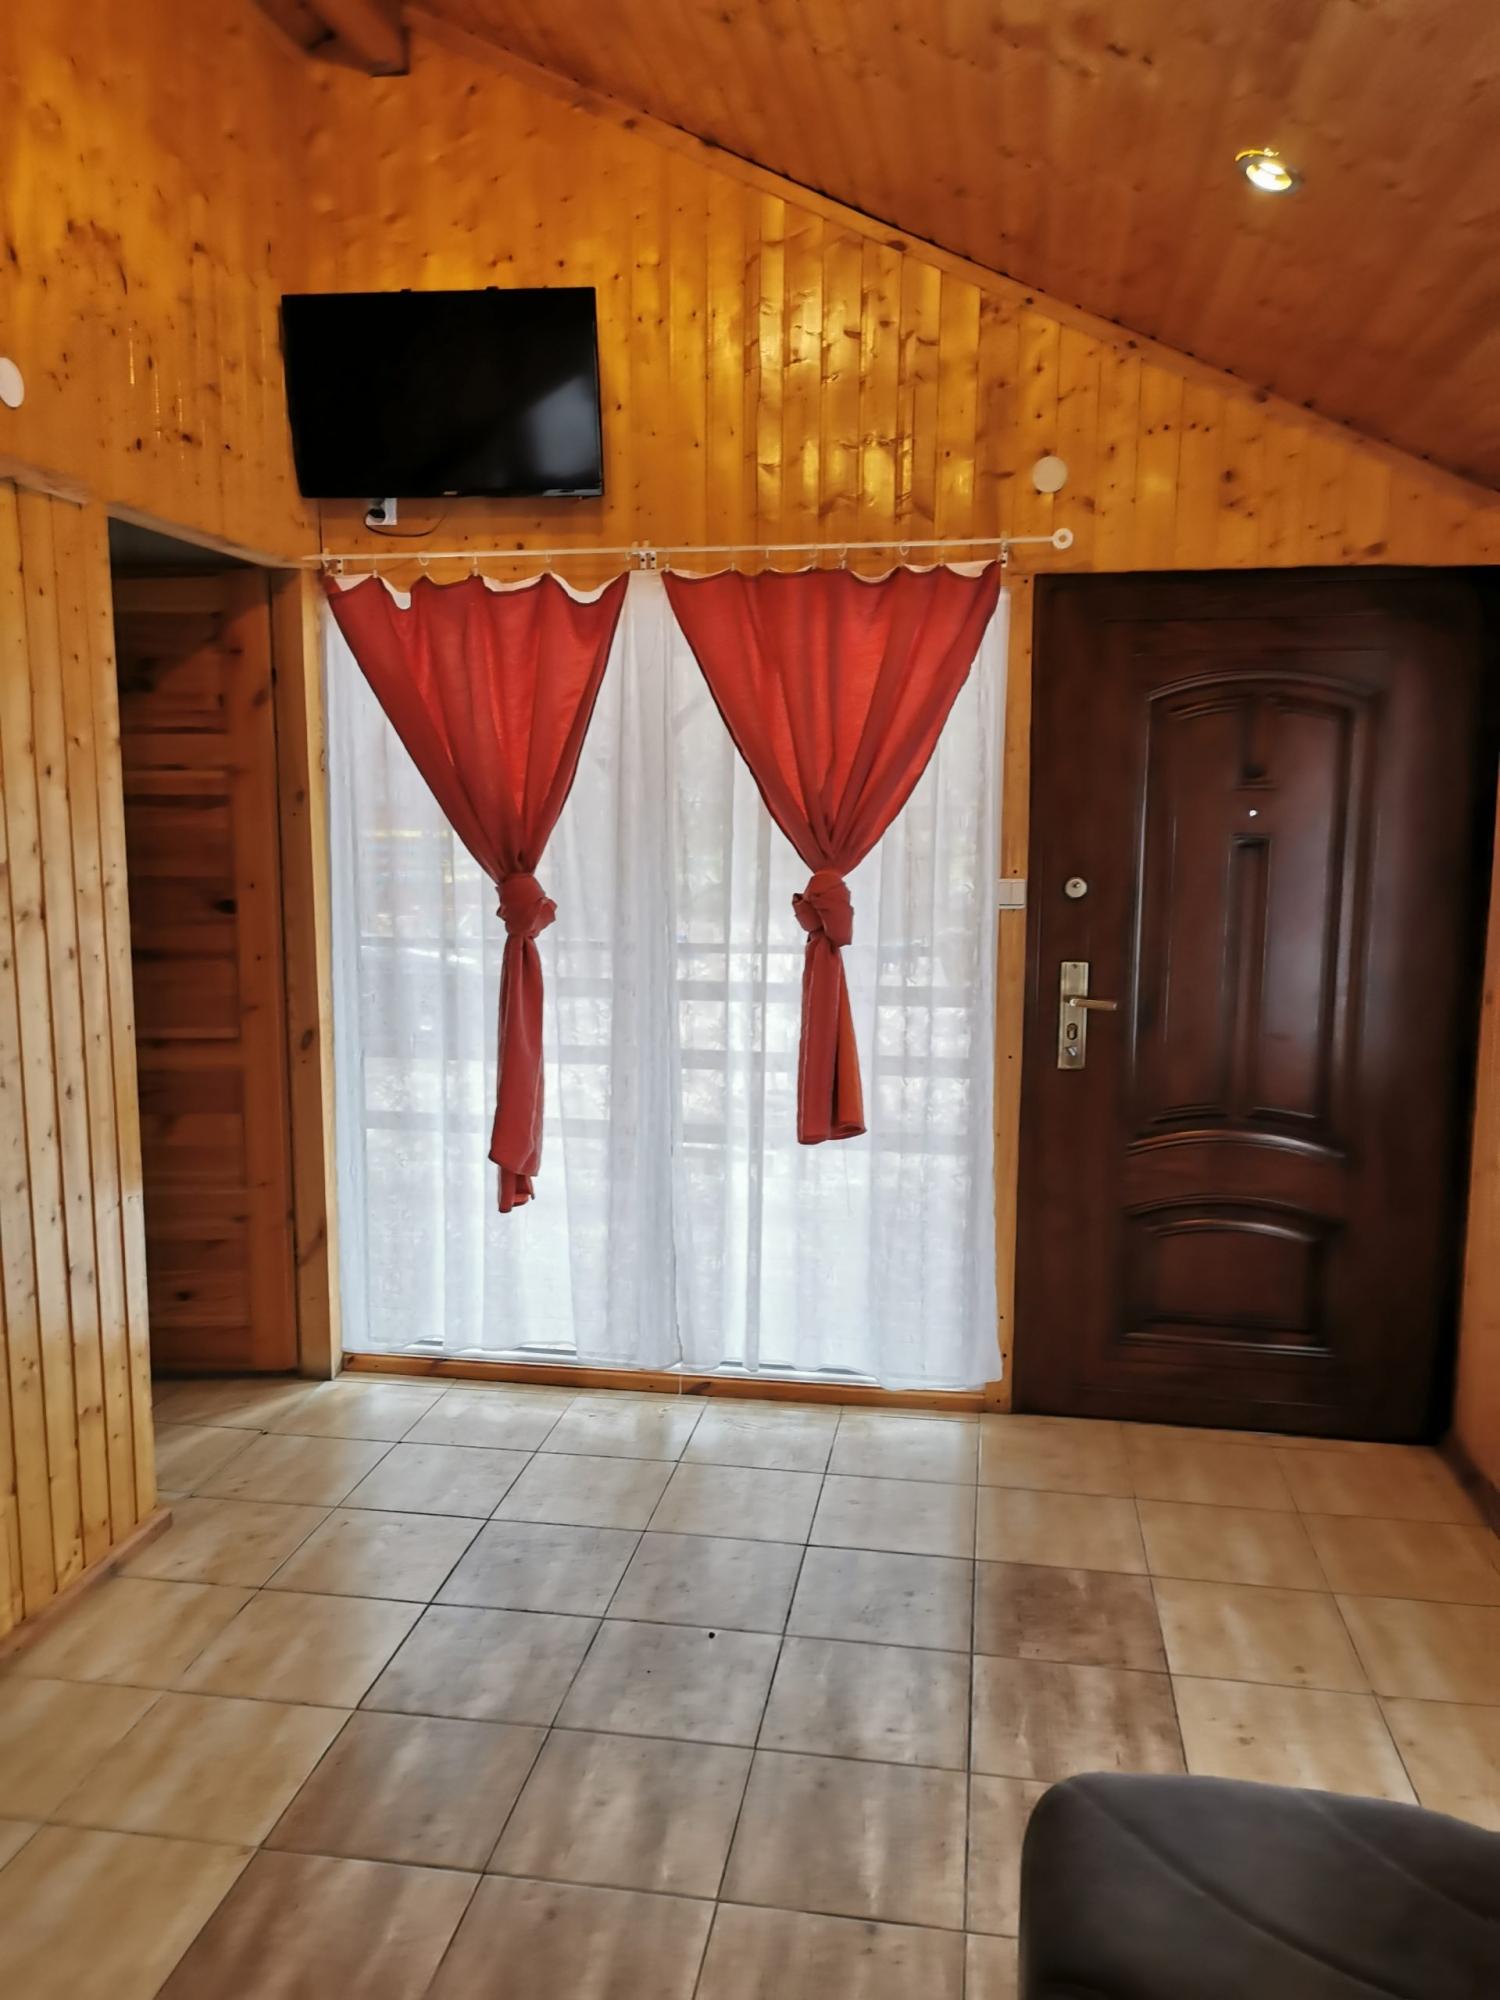 Zdjęcie wnętrza domku PREMIUM. Zdjęcie przestawia duży pokój z telewizorem.